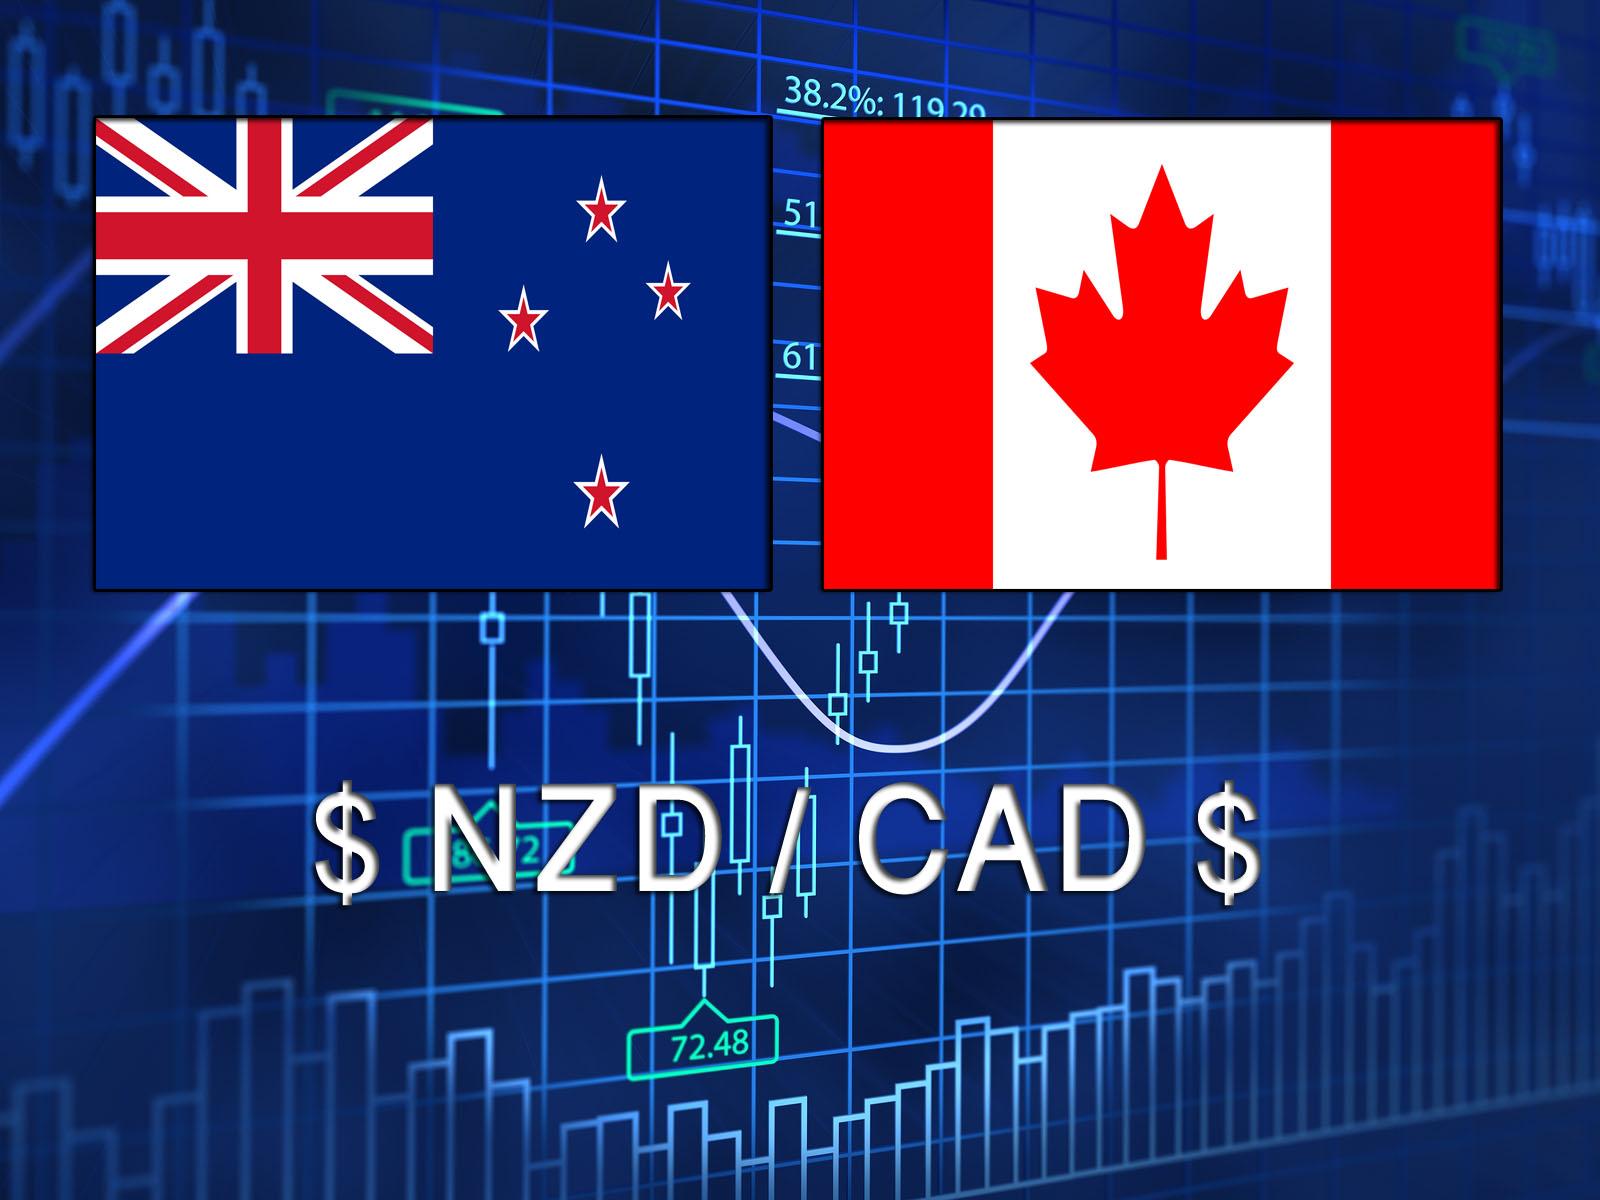 هل يستكمل النيوزلاندى مقابل الكندى صعوده؟!